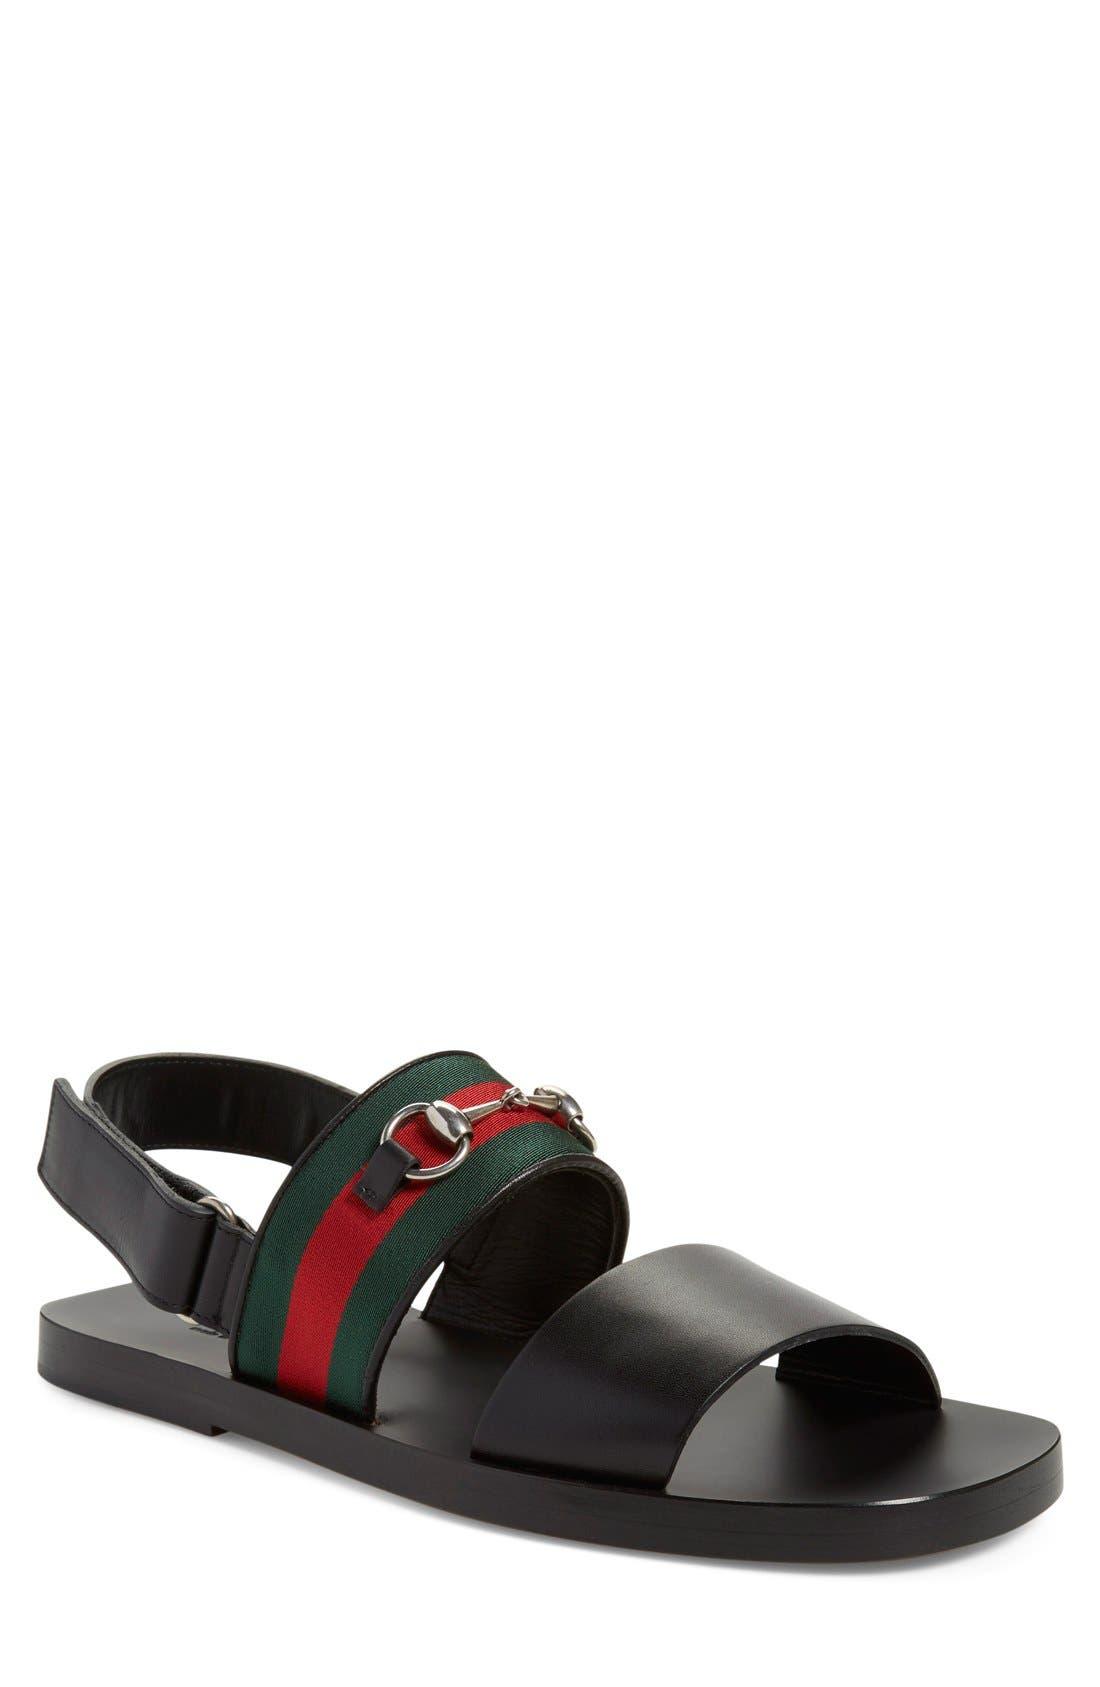 Alternate Image 1 Selected - Gucci 'Twelve Strap' Sandal (Men)